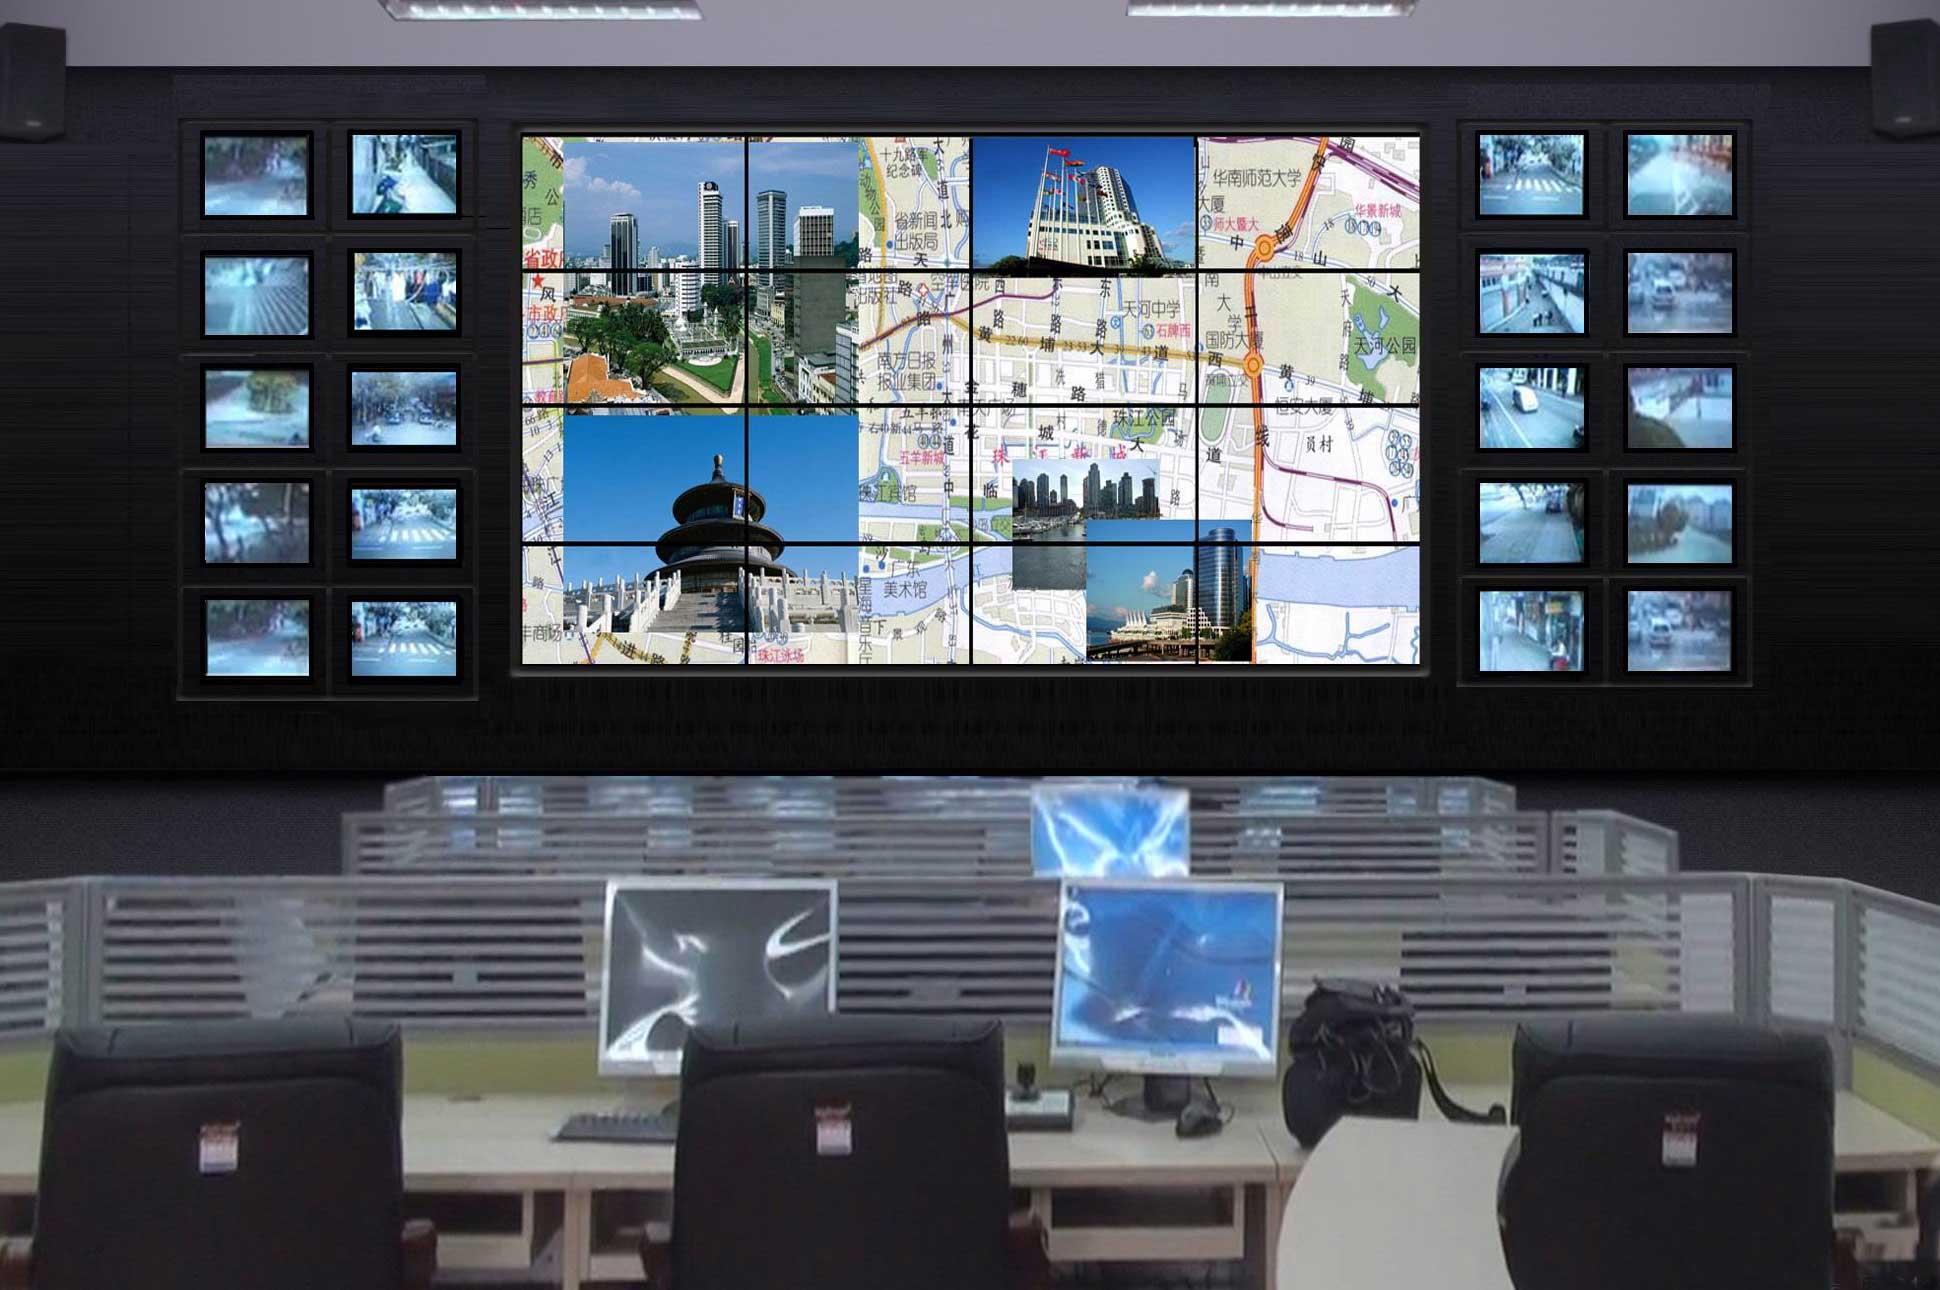 高端车4S店数字高清监控系统应用方案